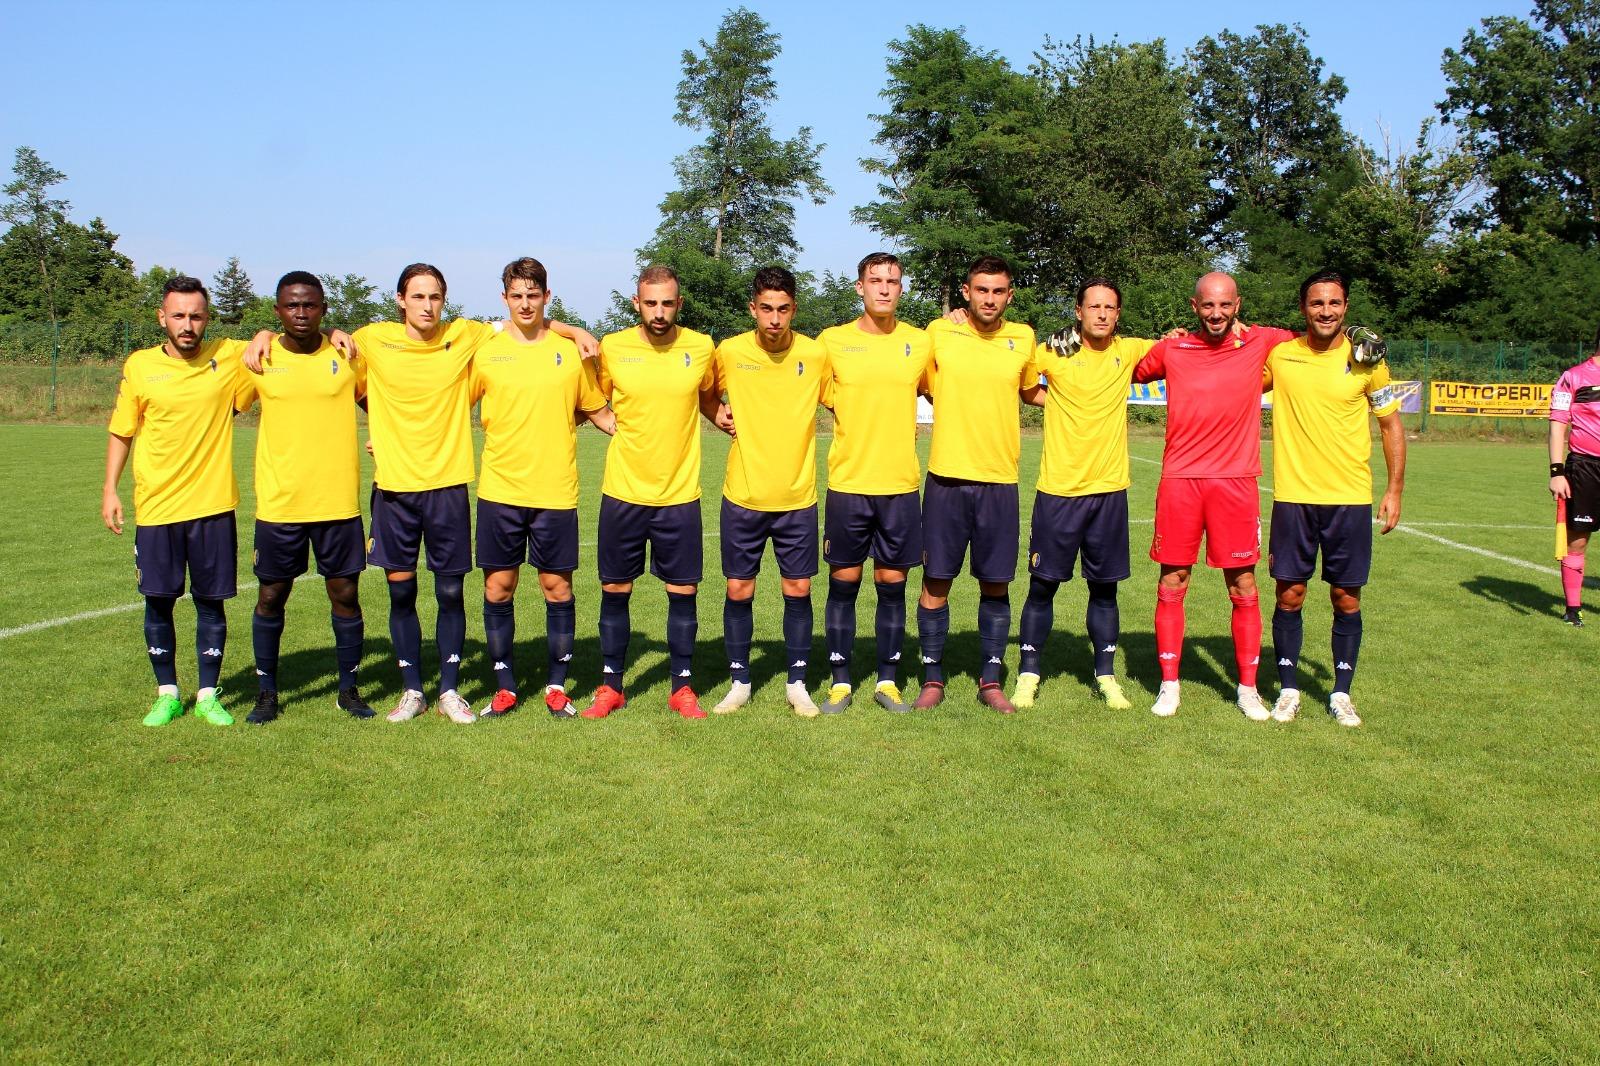 Calendario Modena Calcio.Modena Fc Debutto Allo Stadio Braglia Contro Il Vicenza Il